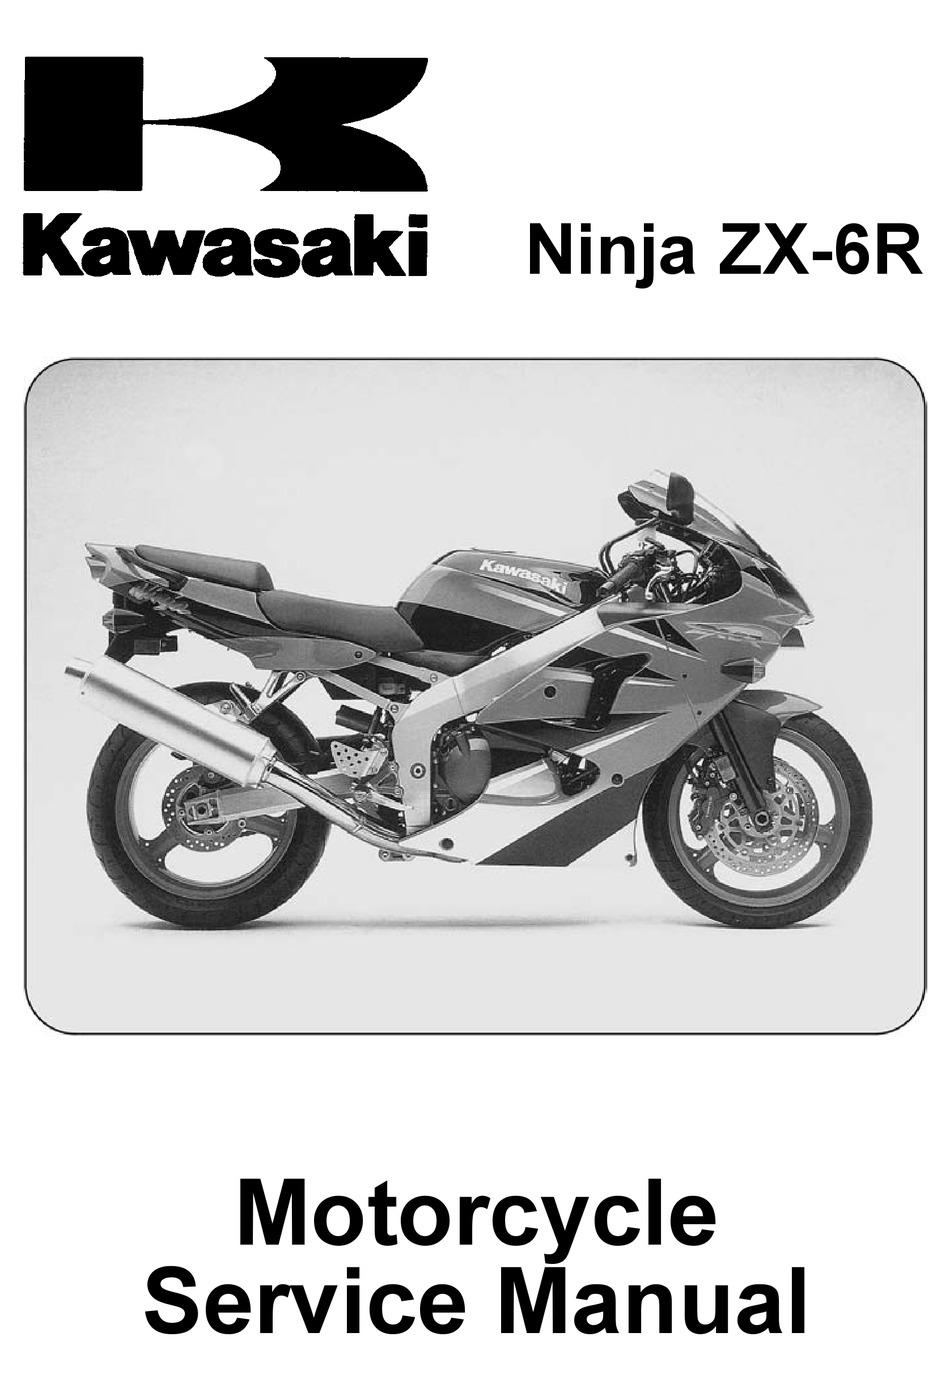 Kawasaki Ninja Zx 6r Service Manual Pdf Download Manualslib